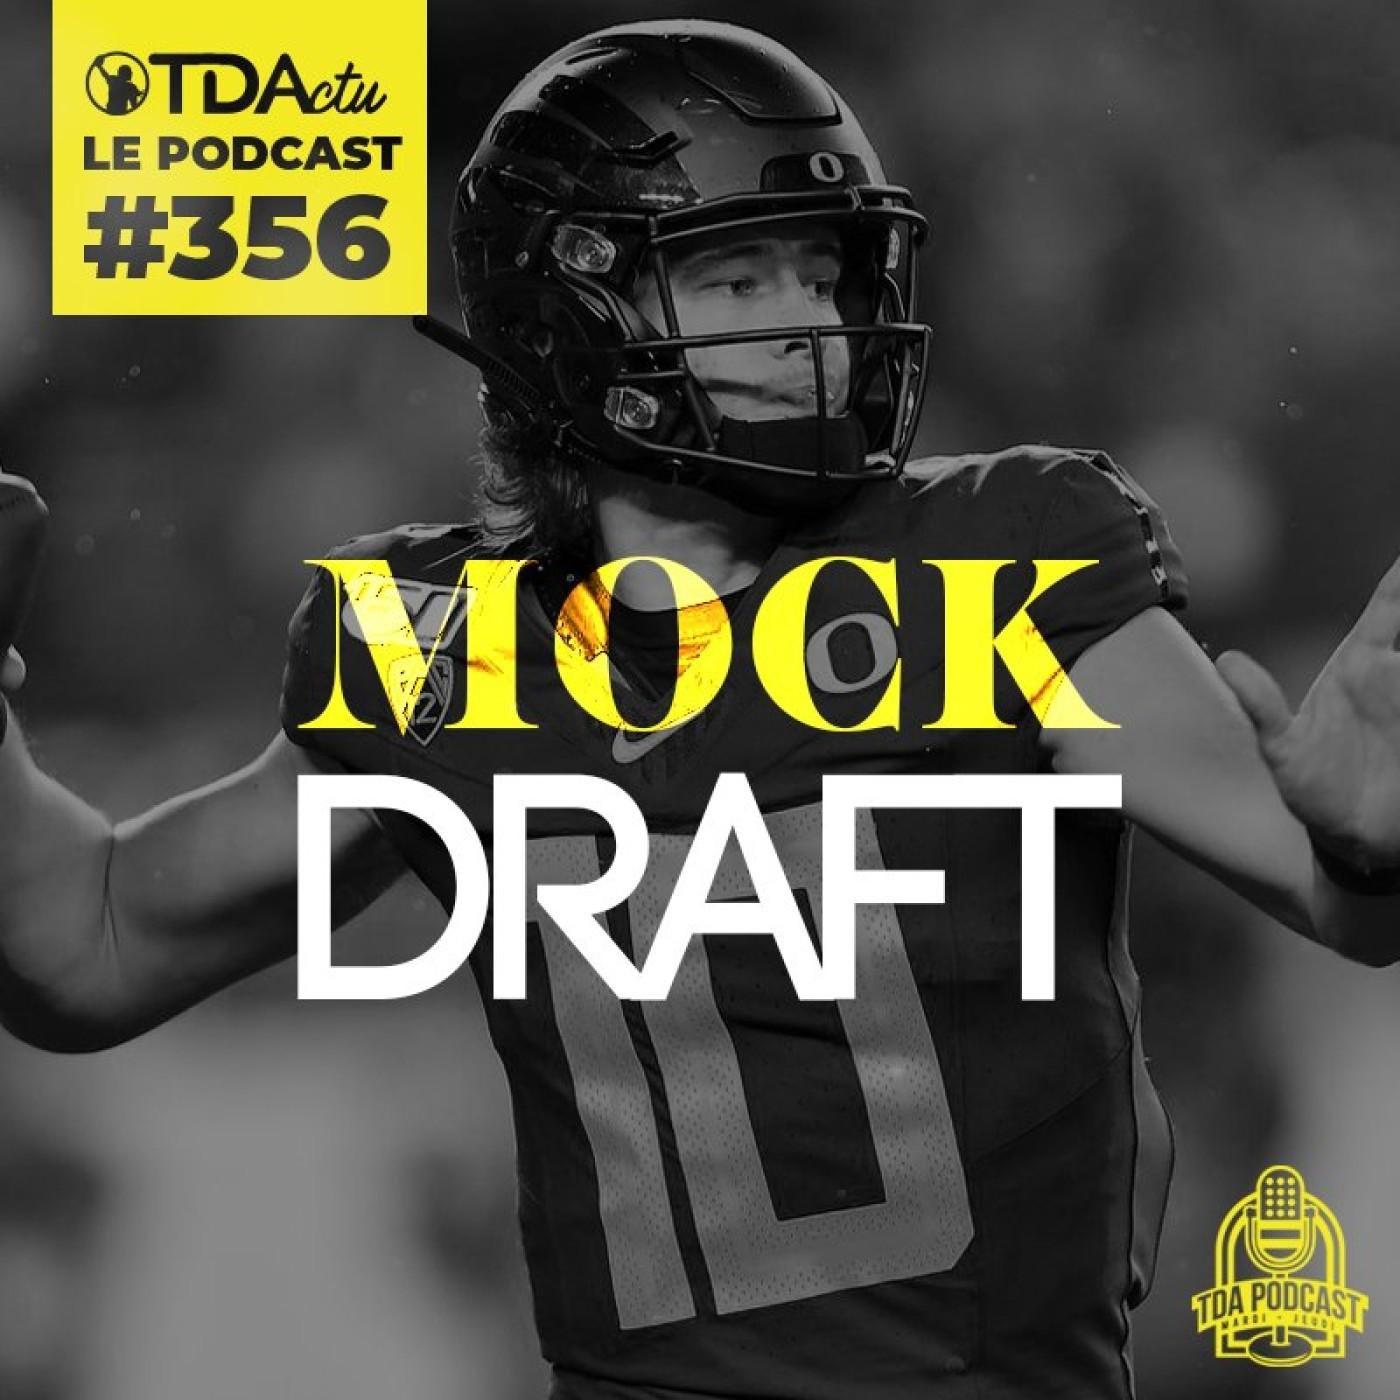 #356 - La Mock Draft du 1er tour